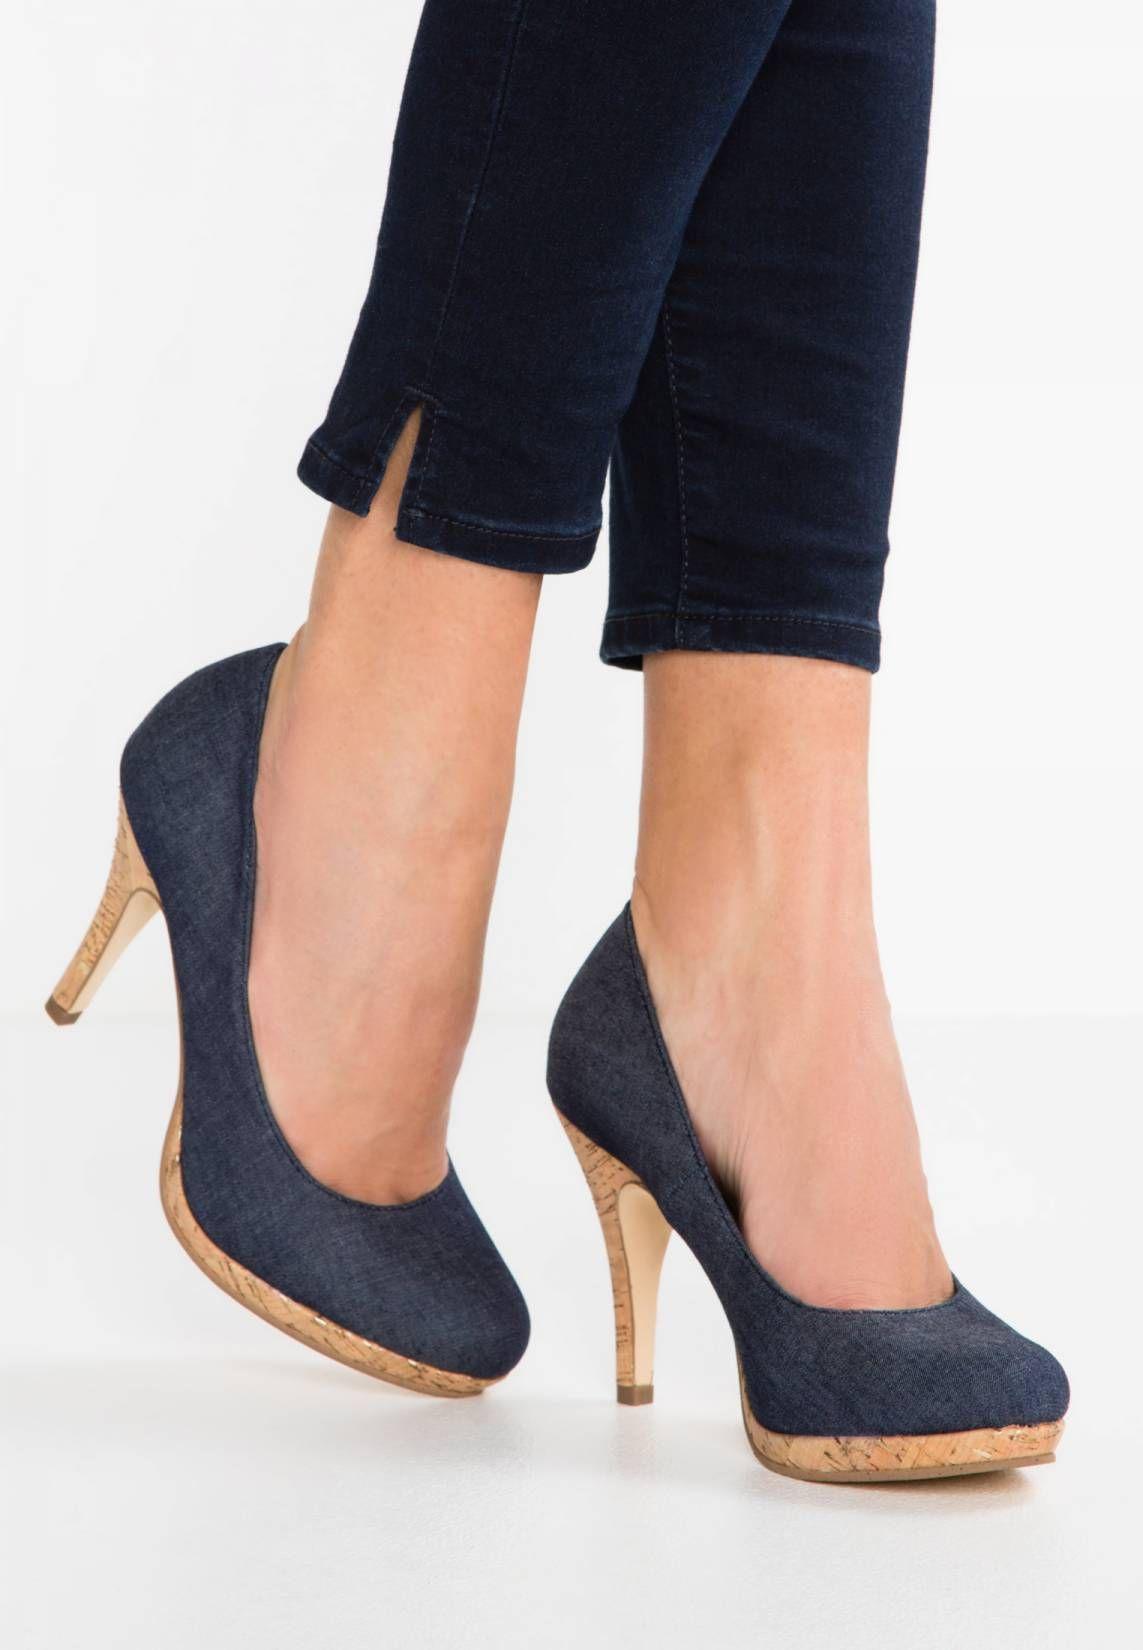 Größe 40 hohes Ansehen reich und großartig Tamaris. High Heel Pumps - navy jeans. #jeans #denim ...